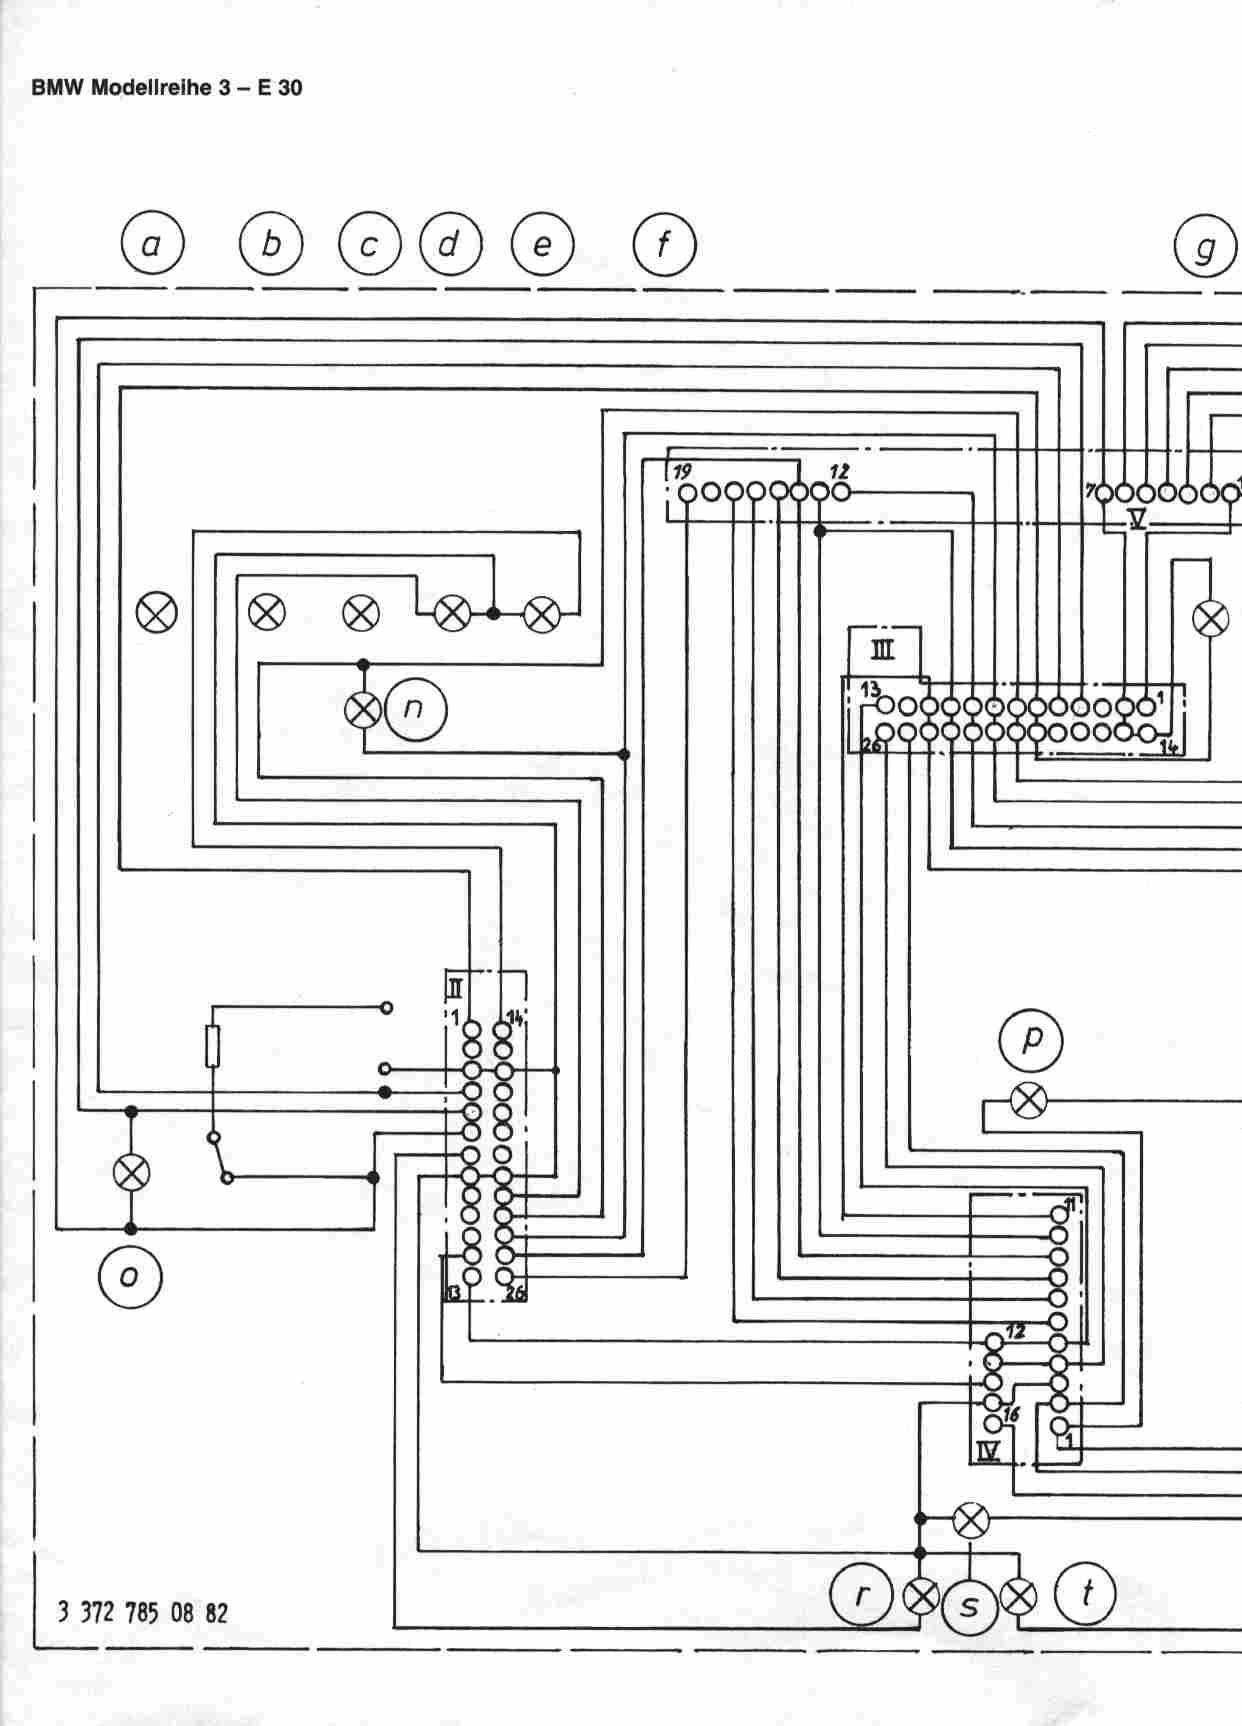 Großzügig Schaltplan Für 2002 Bmw Ideen - Elektrische Schaltplan ...